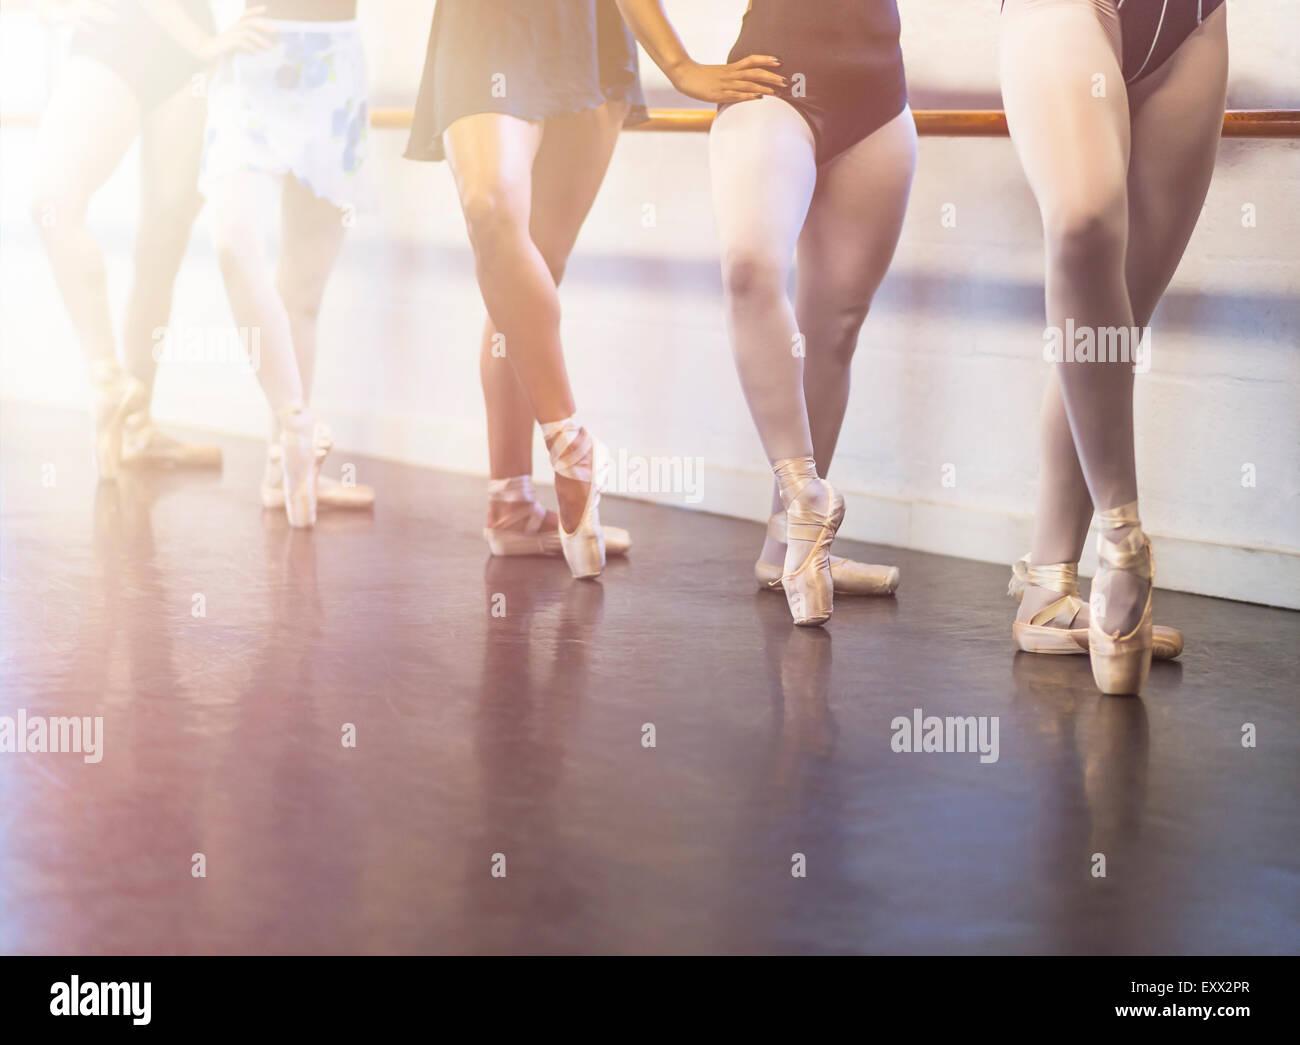 Las mujeres jóvenes bailando en dance studio Imagen De Stock